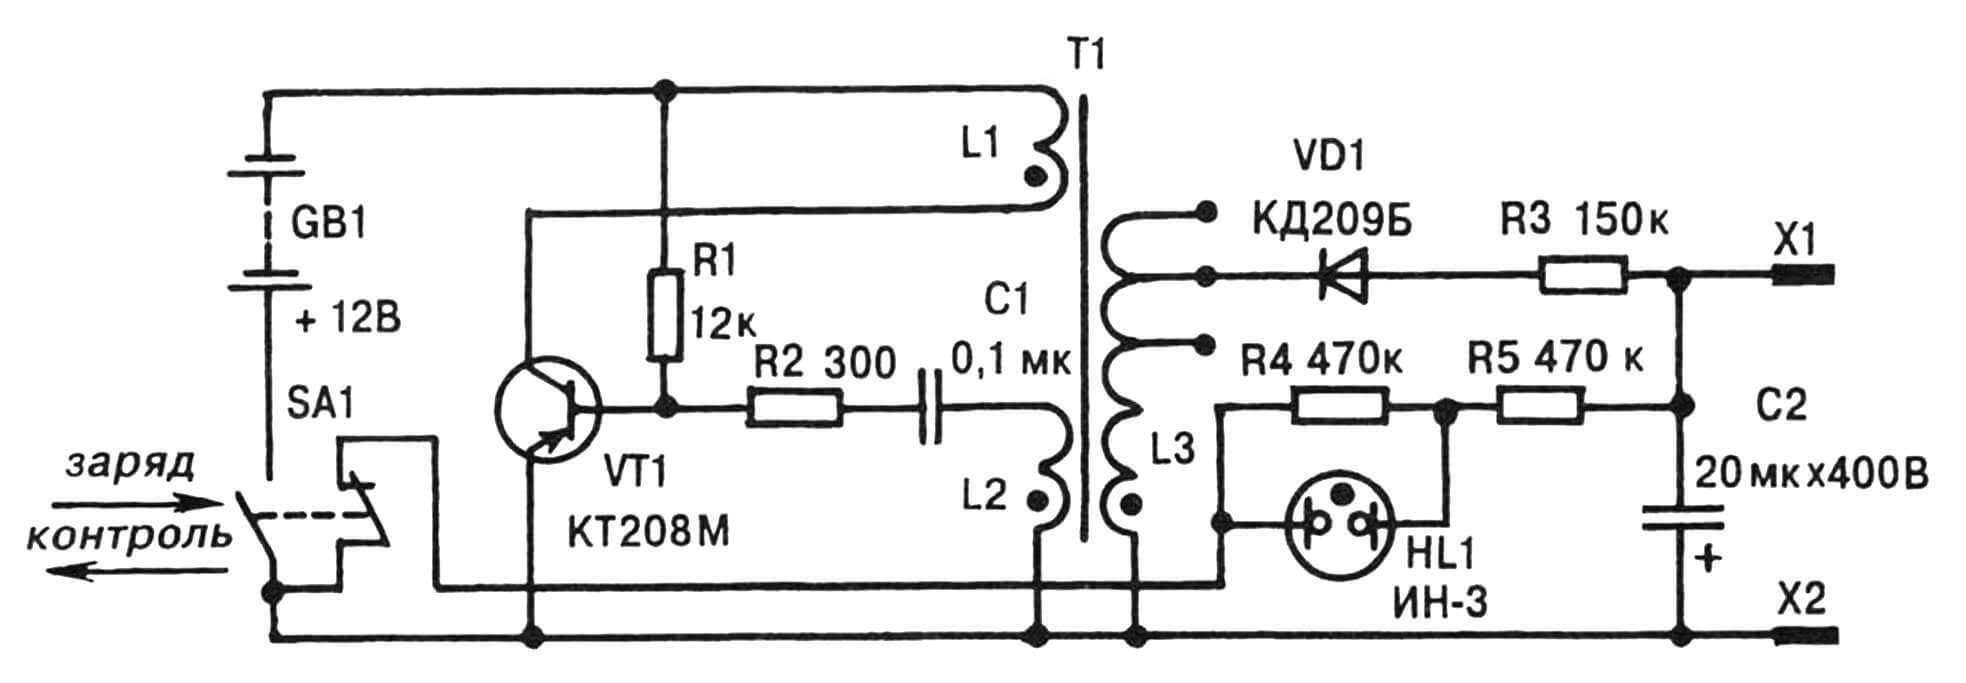 Рис. 1. Принципиальная электрическая схема устройства.